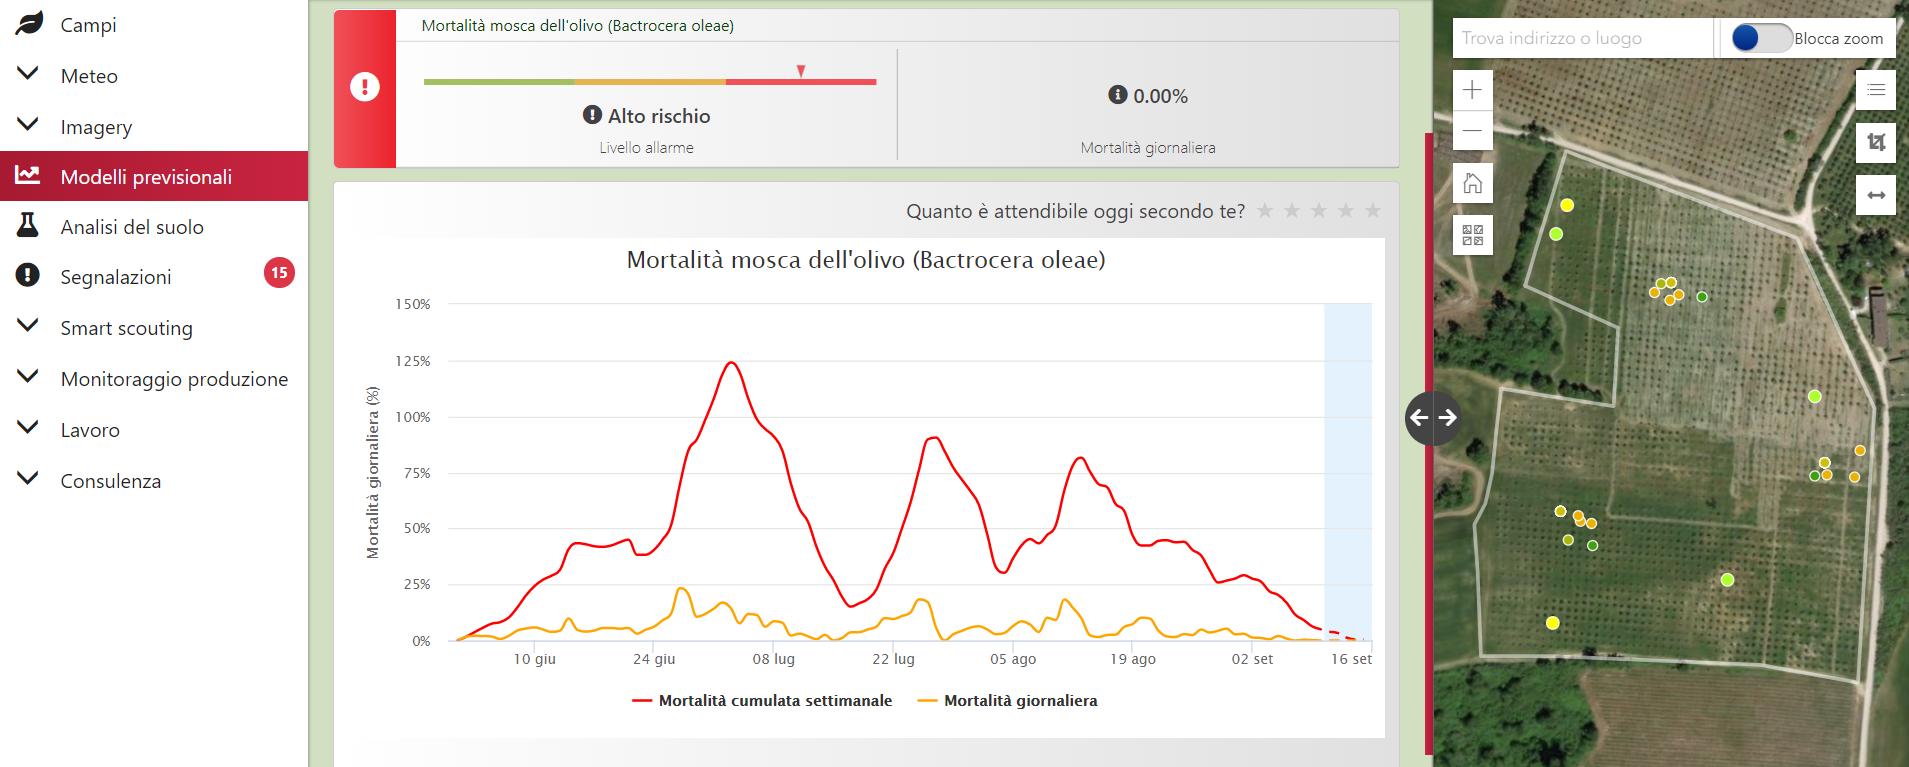 modello previsionale mortalità mosca dell'olivo